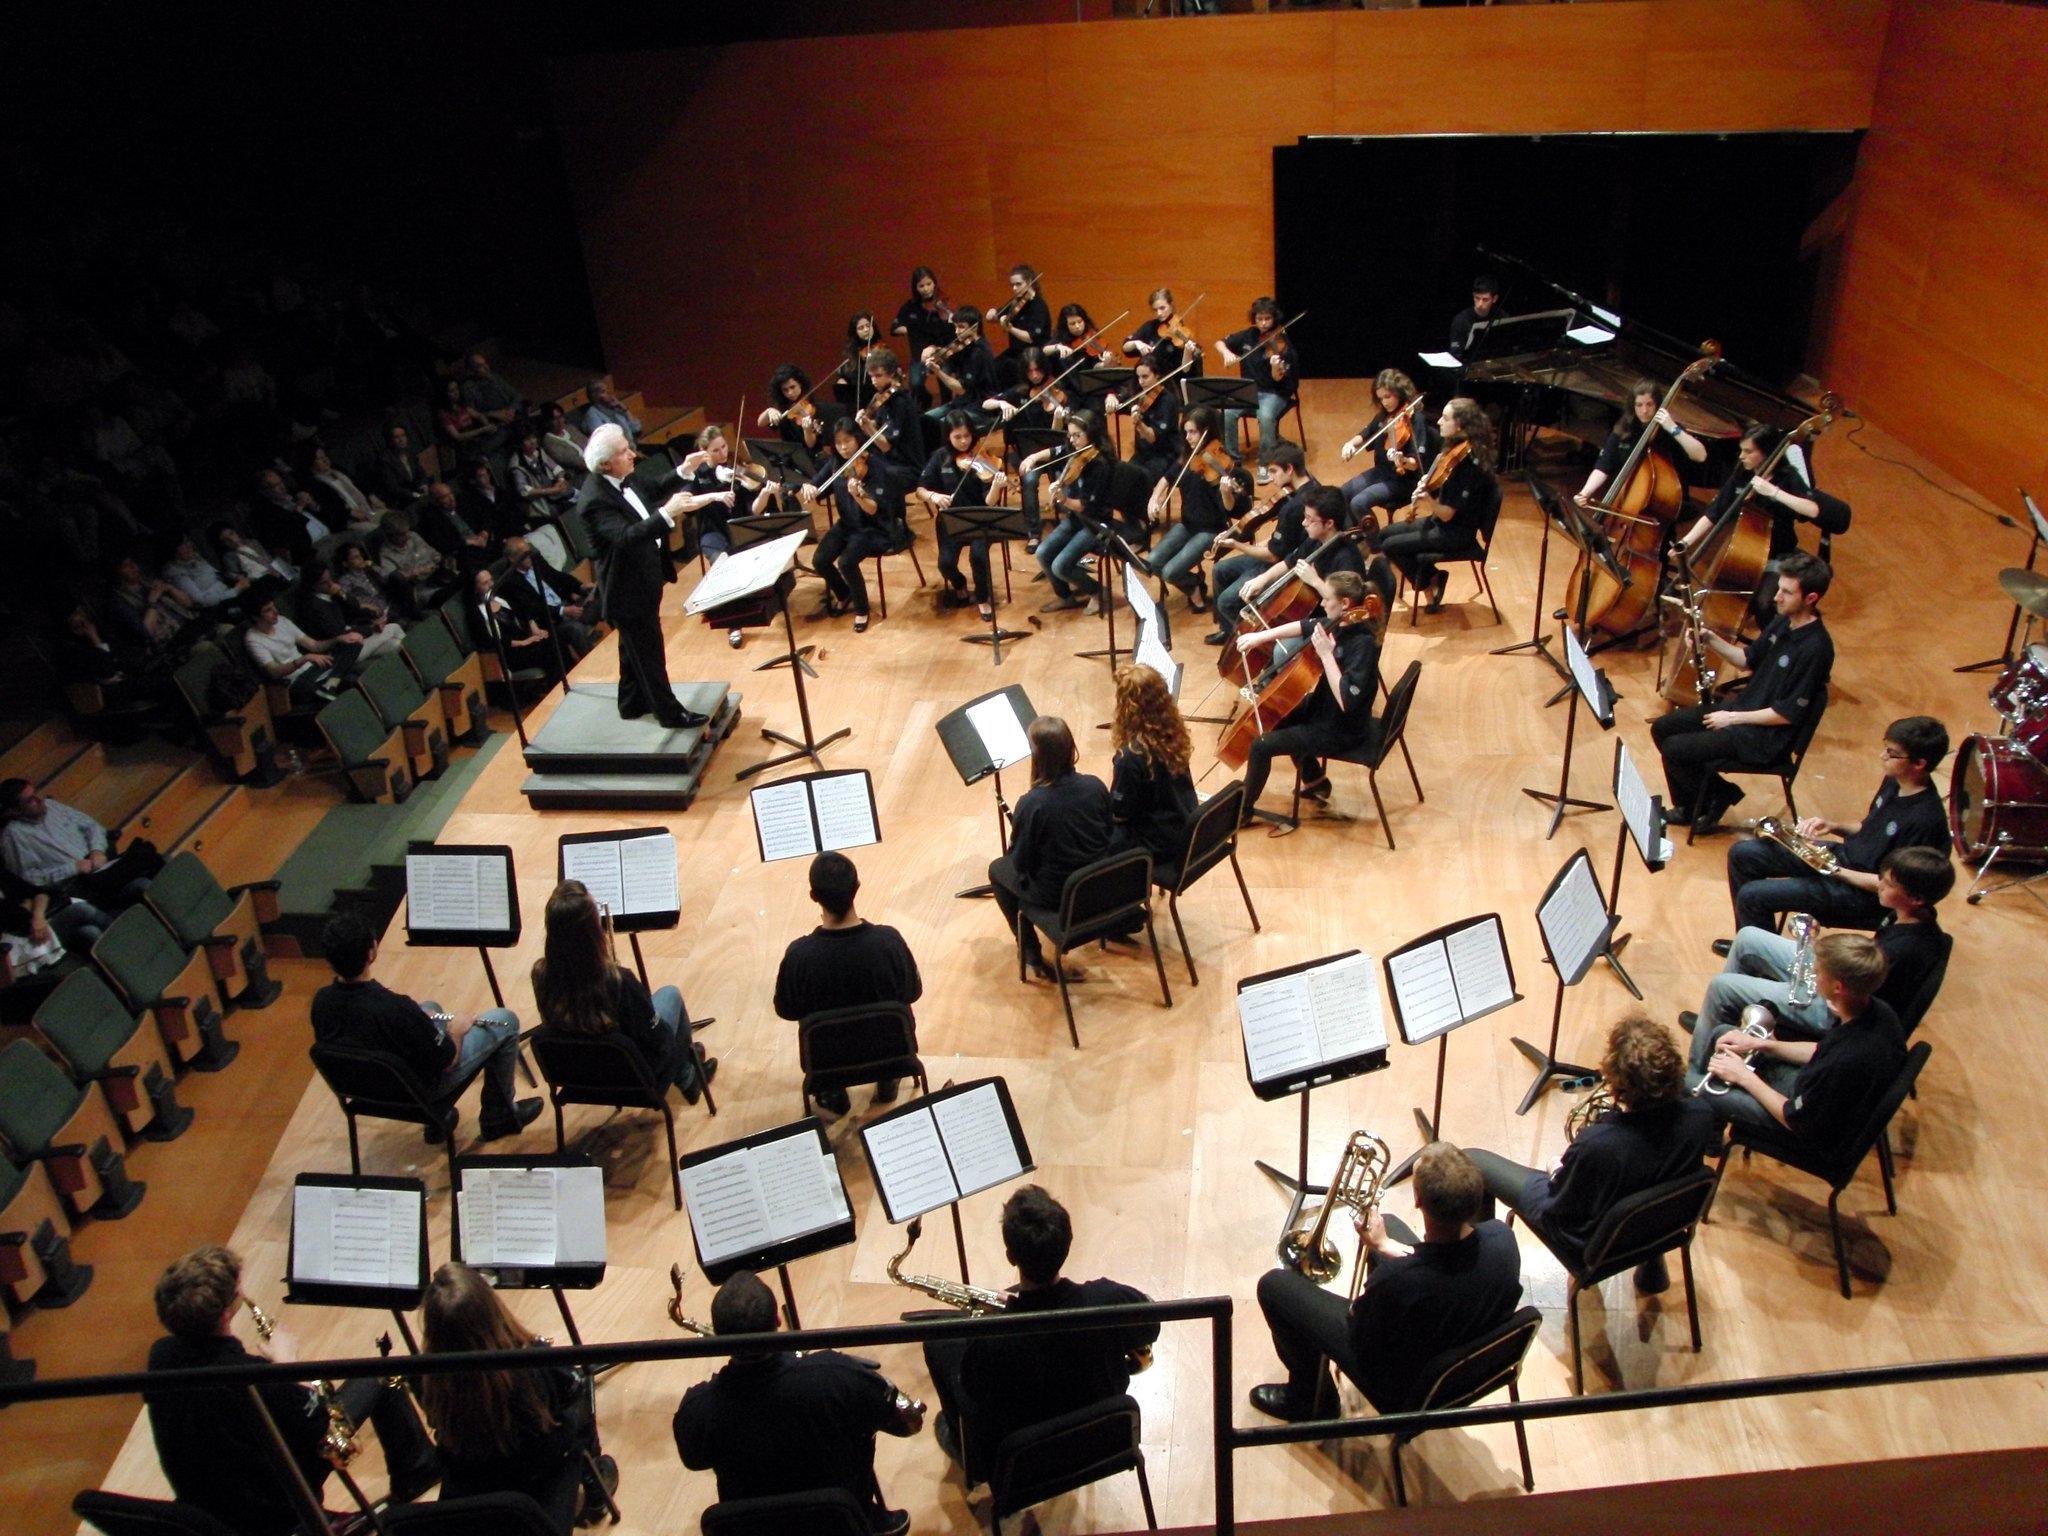 Ernesto Leo cincerto in Conservatorio di Palma de Mallorca